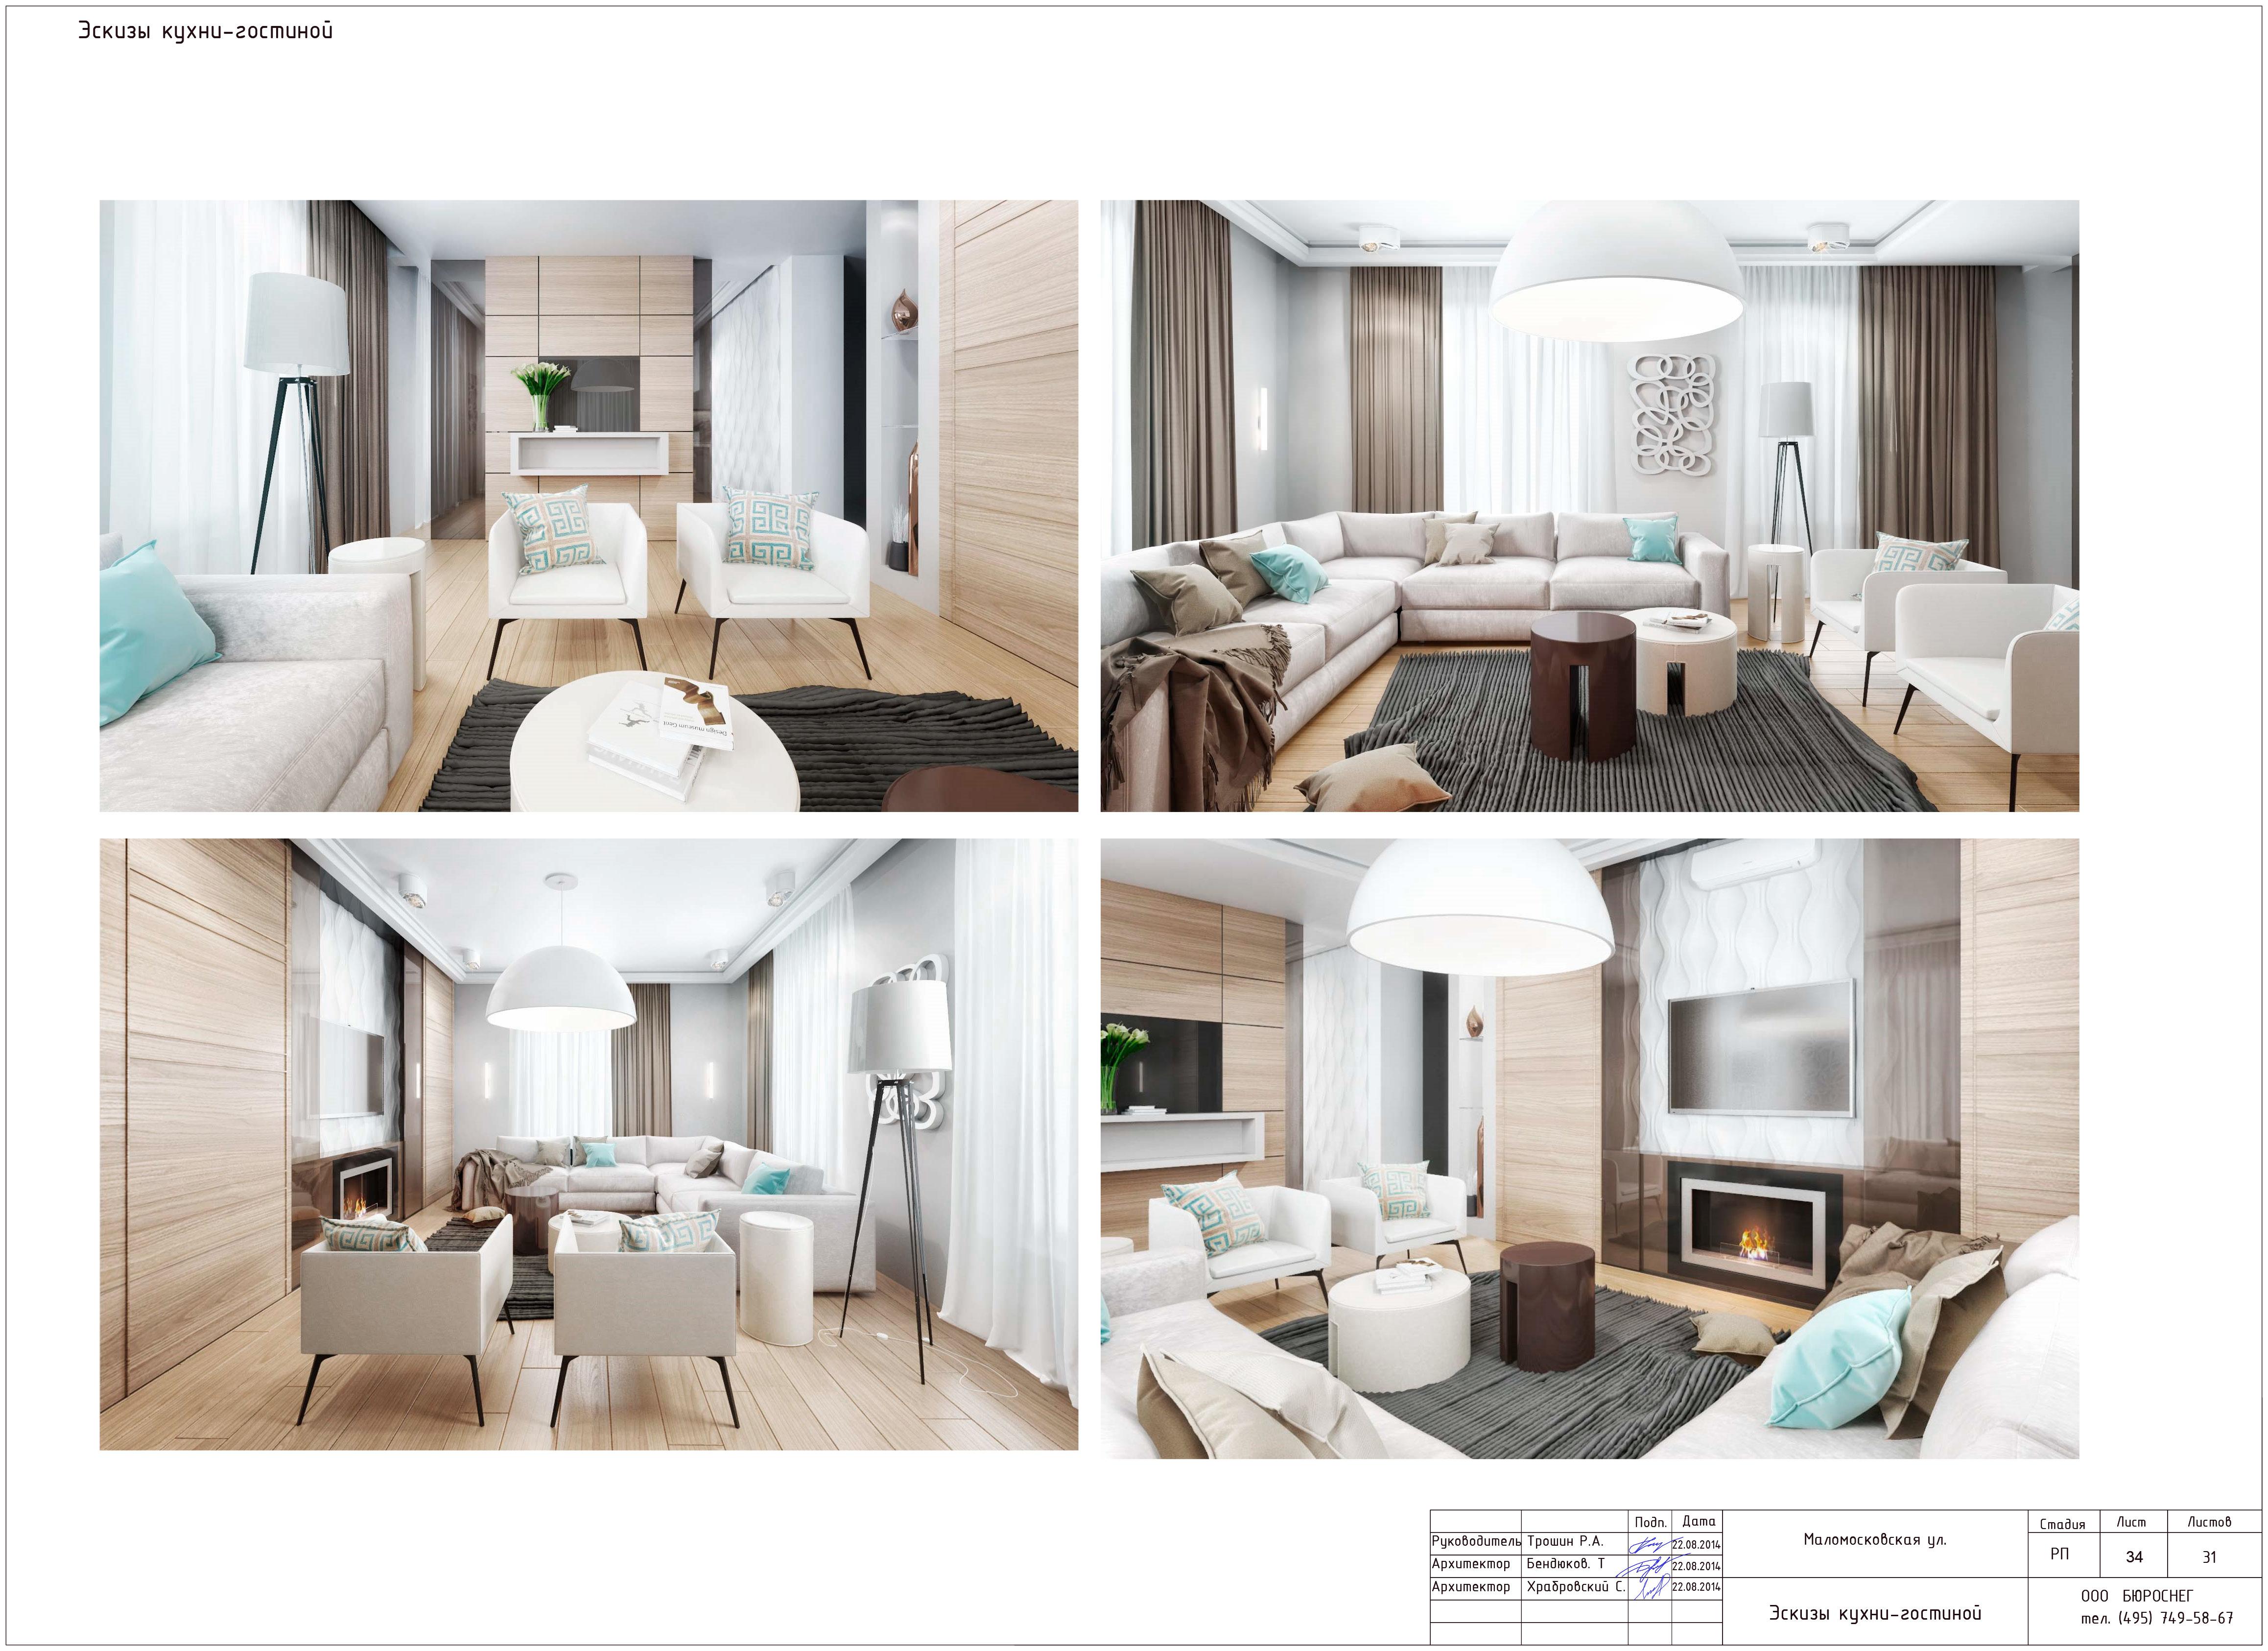 Дизайн-проект загородного дома (коттеджа) - эскизы гостиной